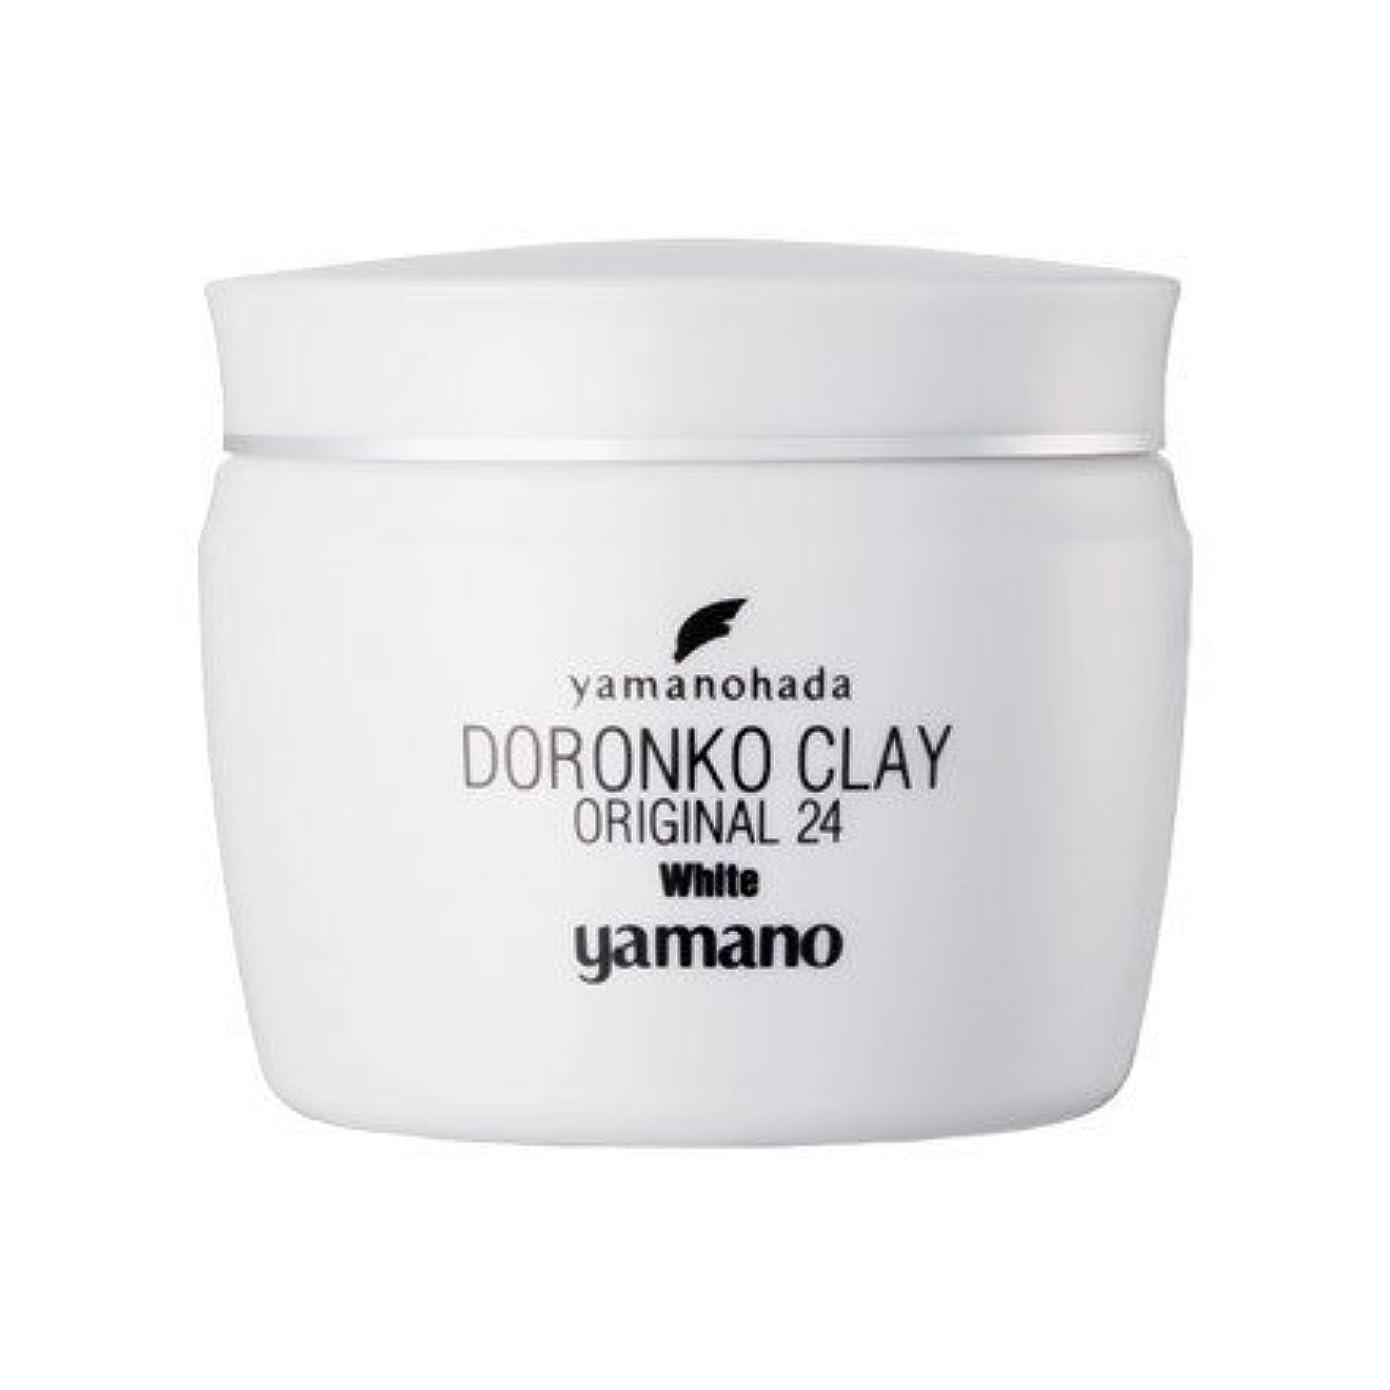 信念添加剤ルーキーヤマノ肌 ドロンコクレー24 オリジナルWhite(白どろ)